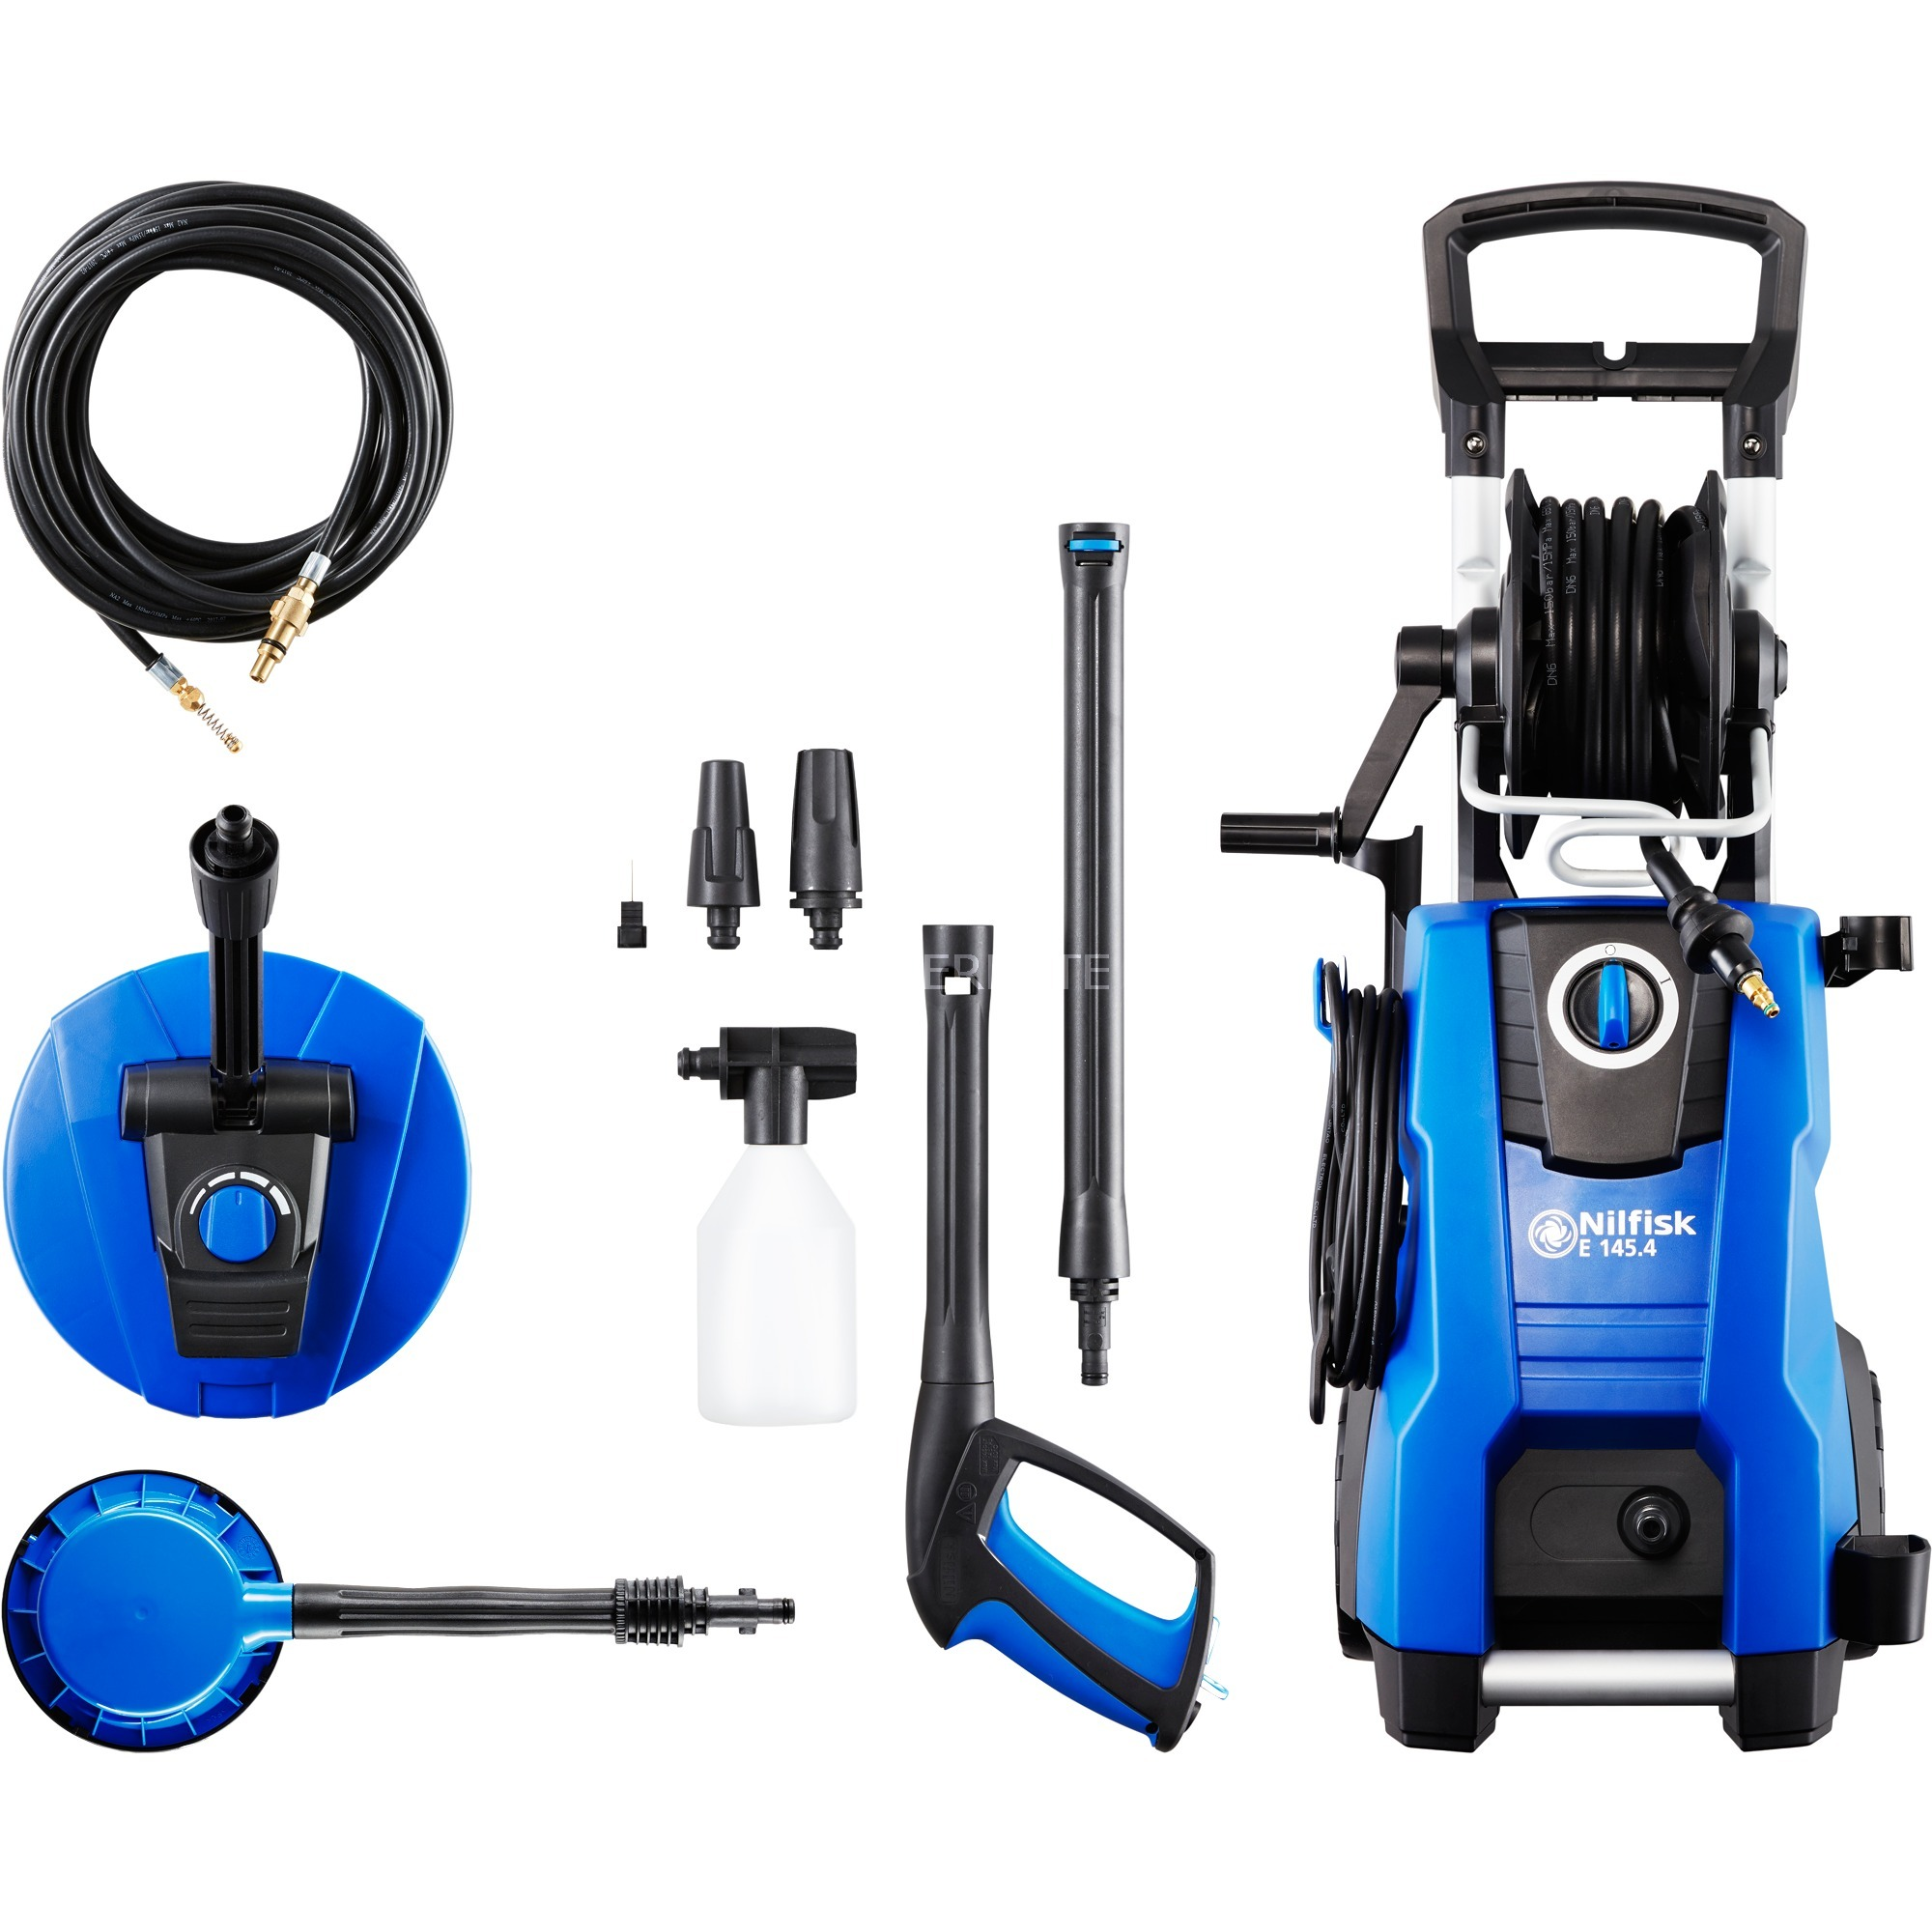 E 145.4 Compacto Eléctrico 500l/h 2100W Negro, Azul Limpiadora de alta presión o Hidrolimpiadora, Hidrolimpiadora de alta presión